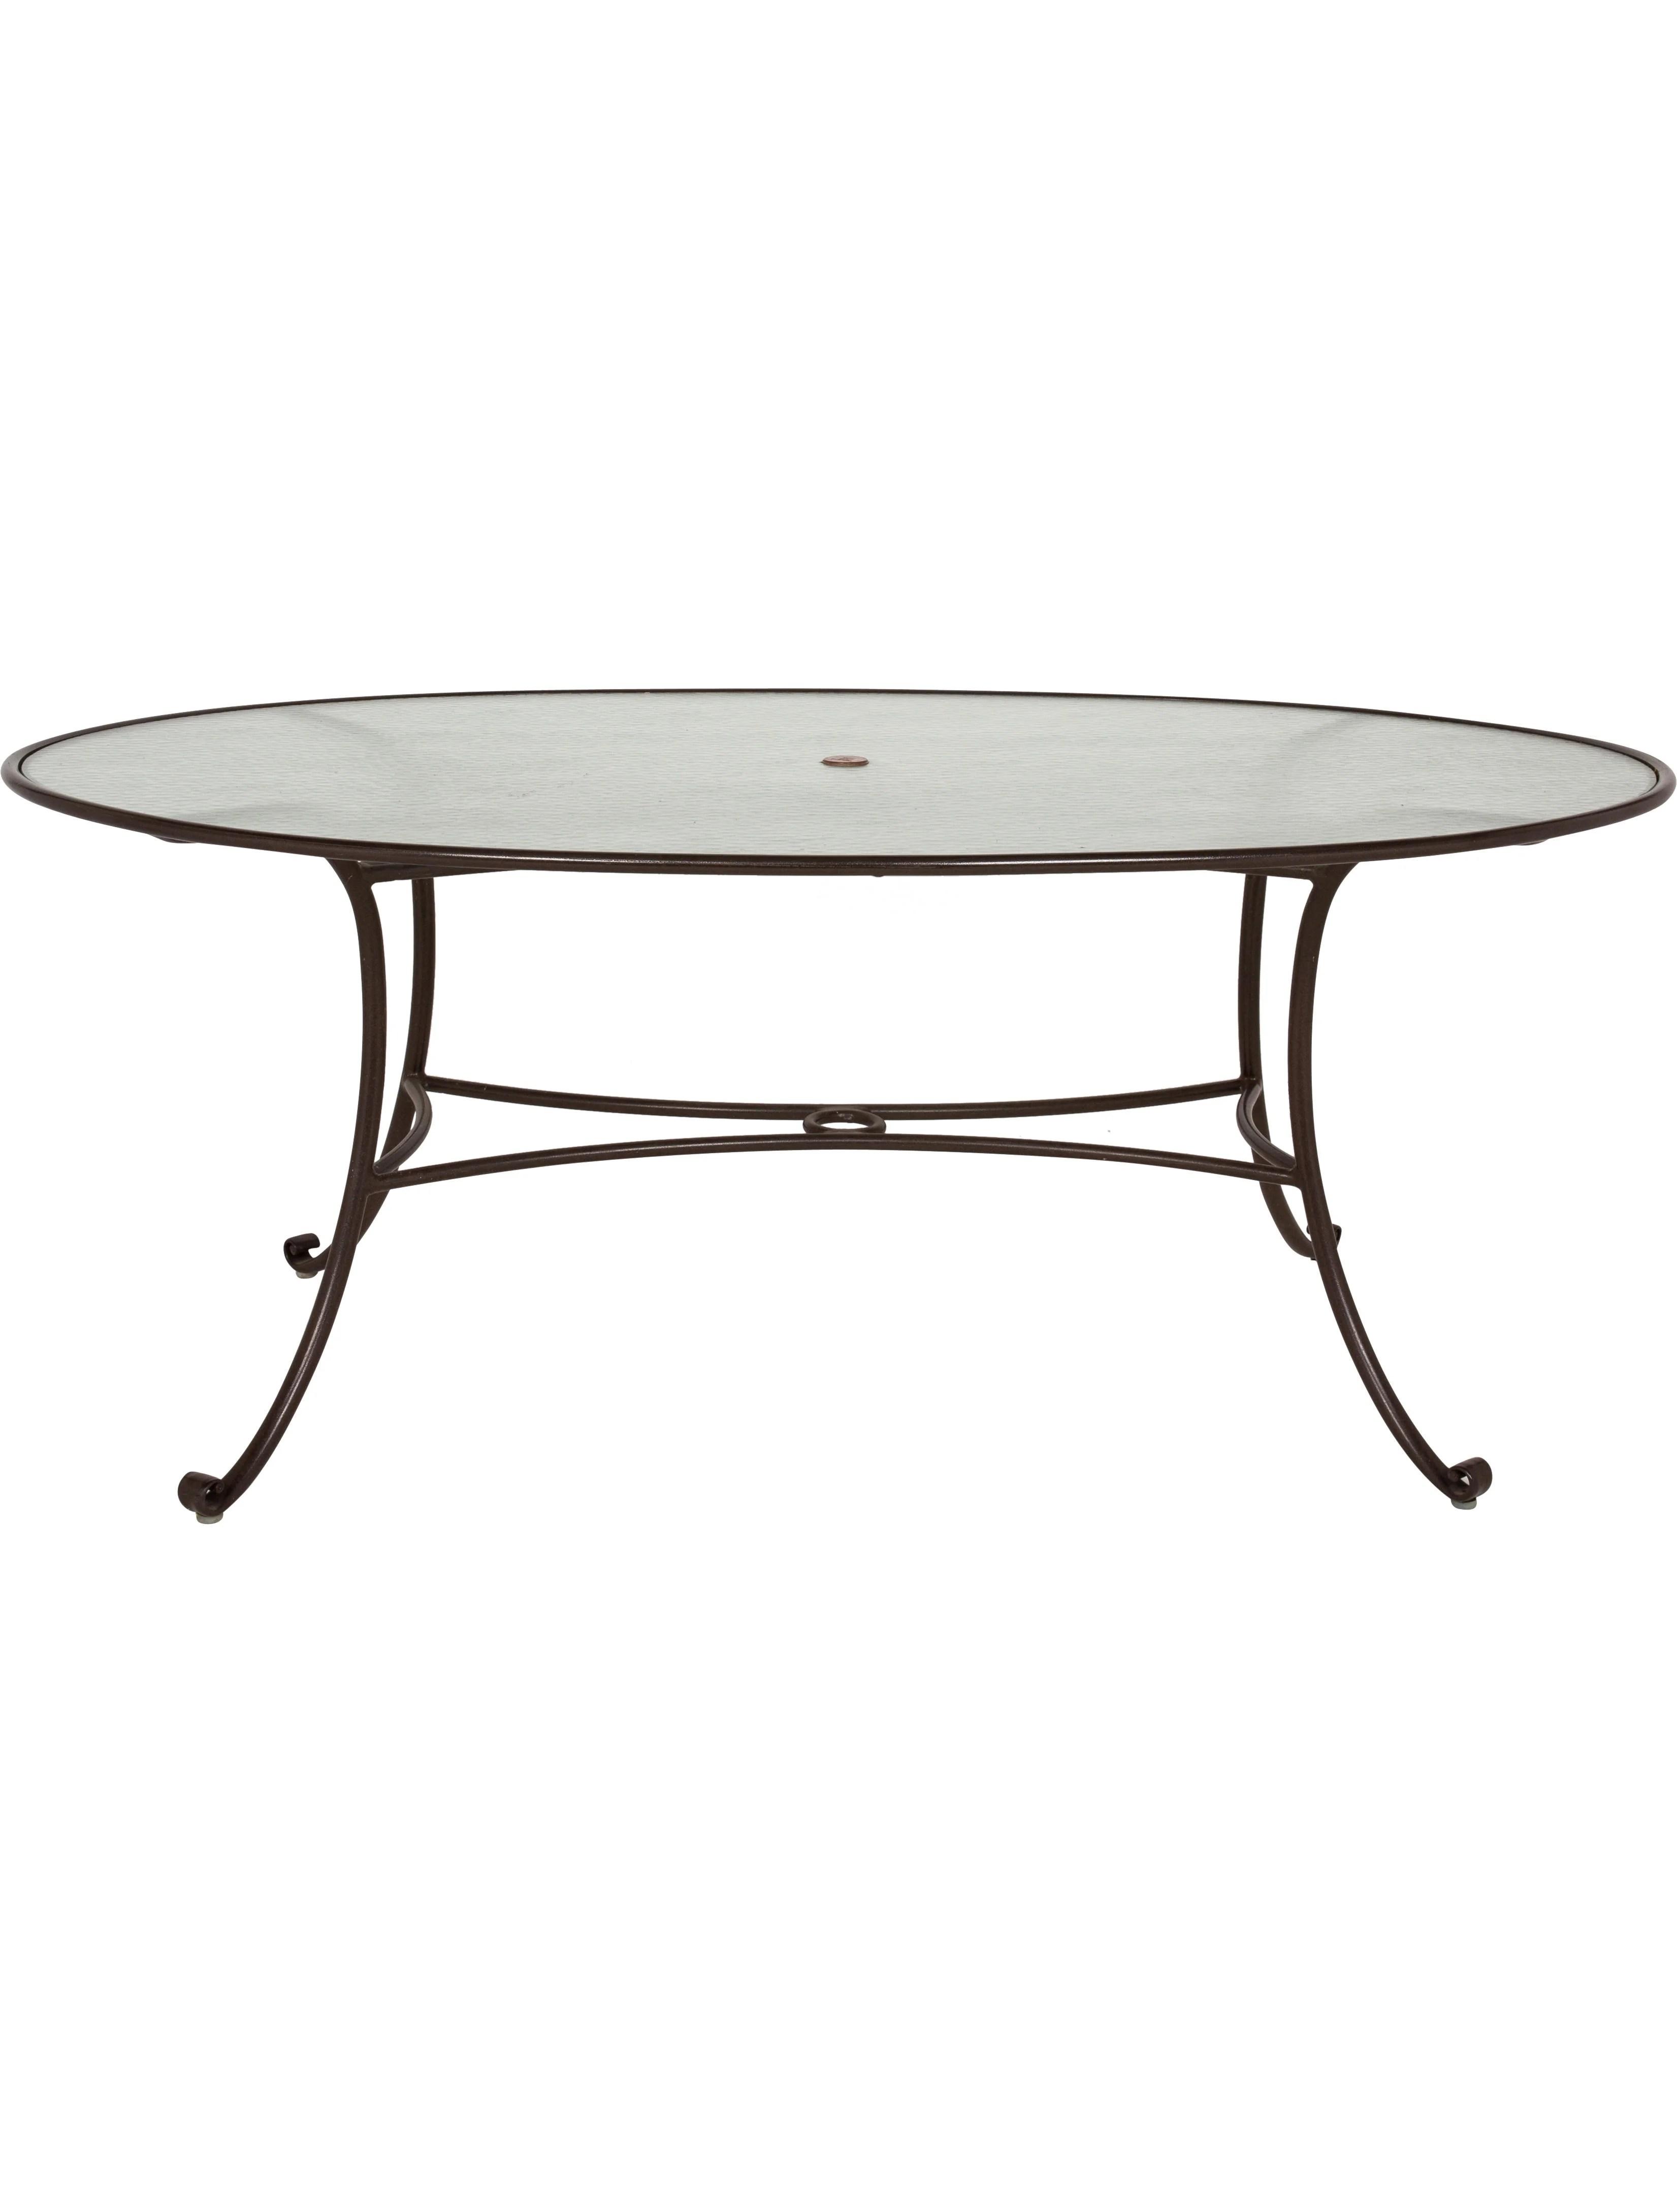 furniture brown jordan roma oval